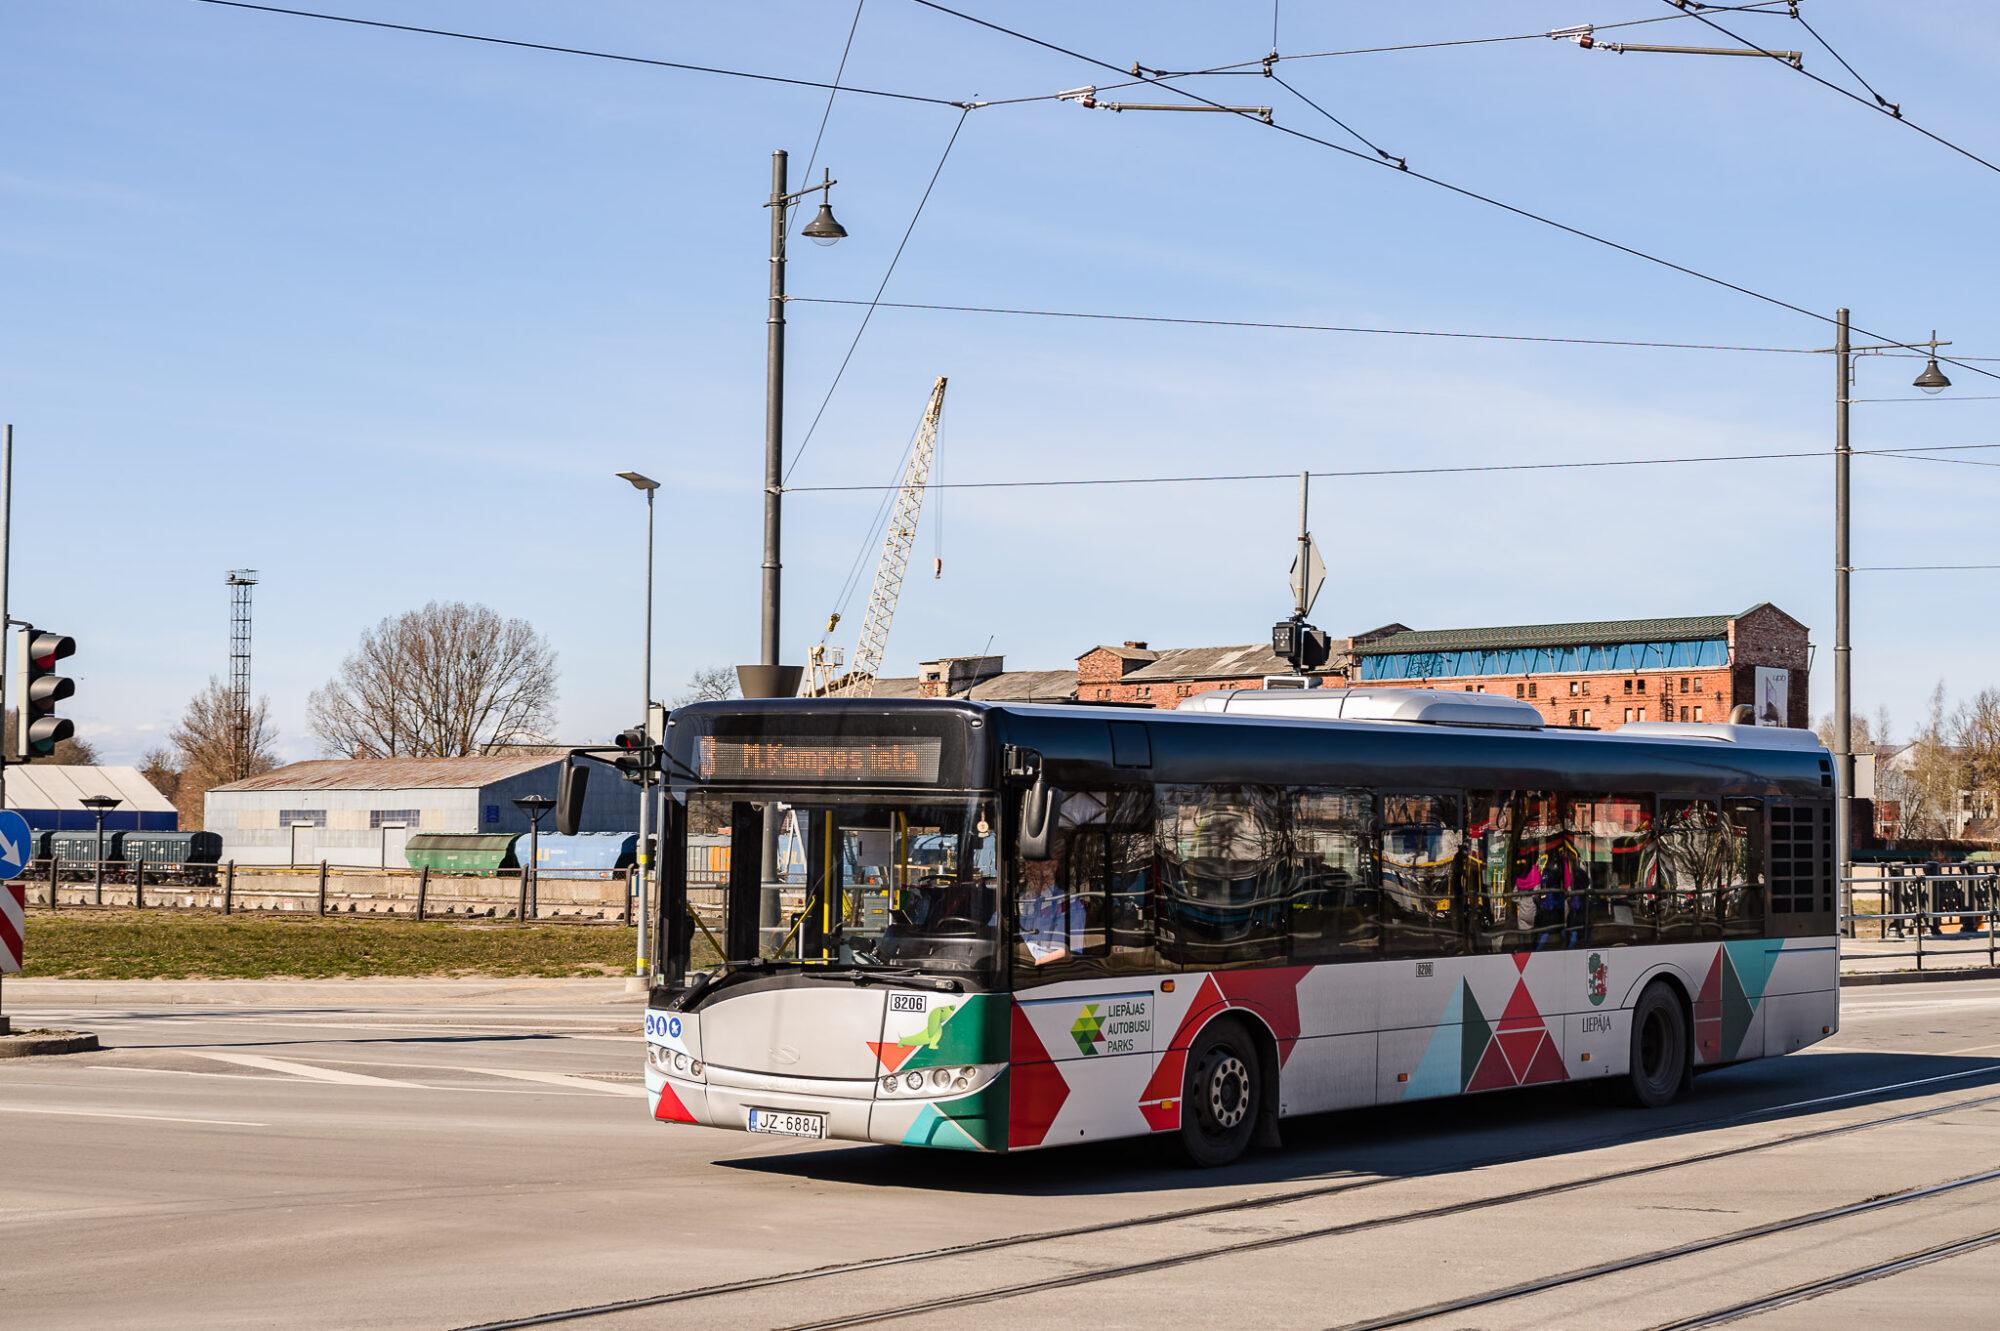 Atsāks biļešu tirgošanu pie sabiedriskā transporta vadītājiem